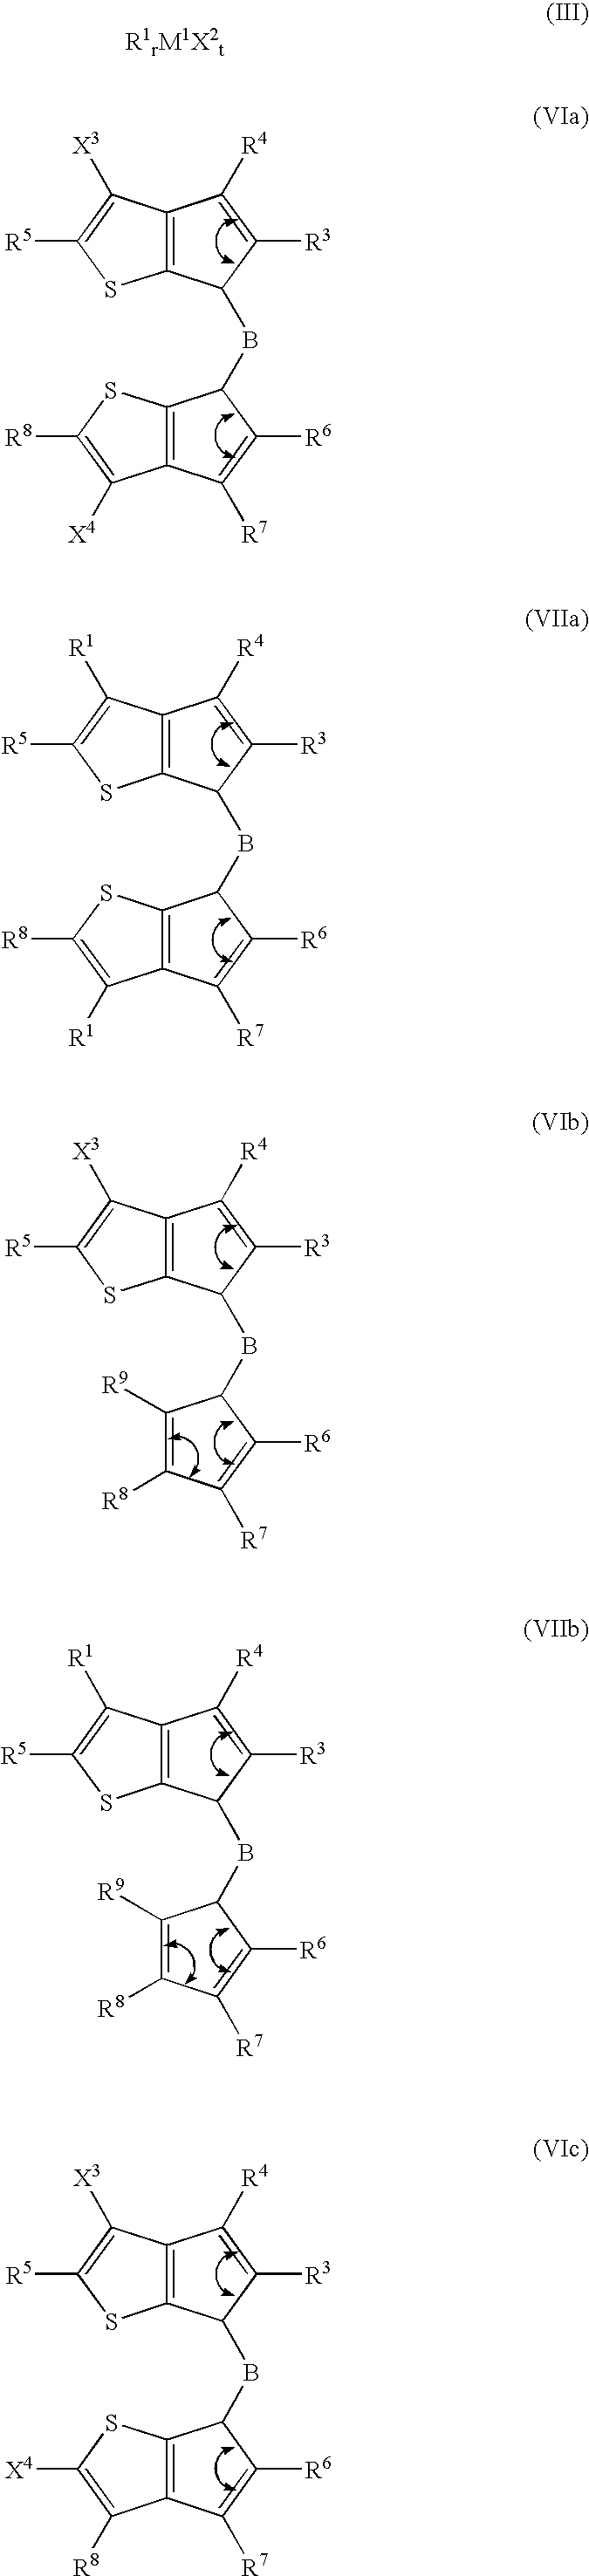 Figure US07910783-20110322-C00136